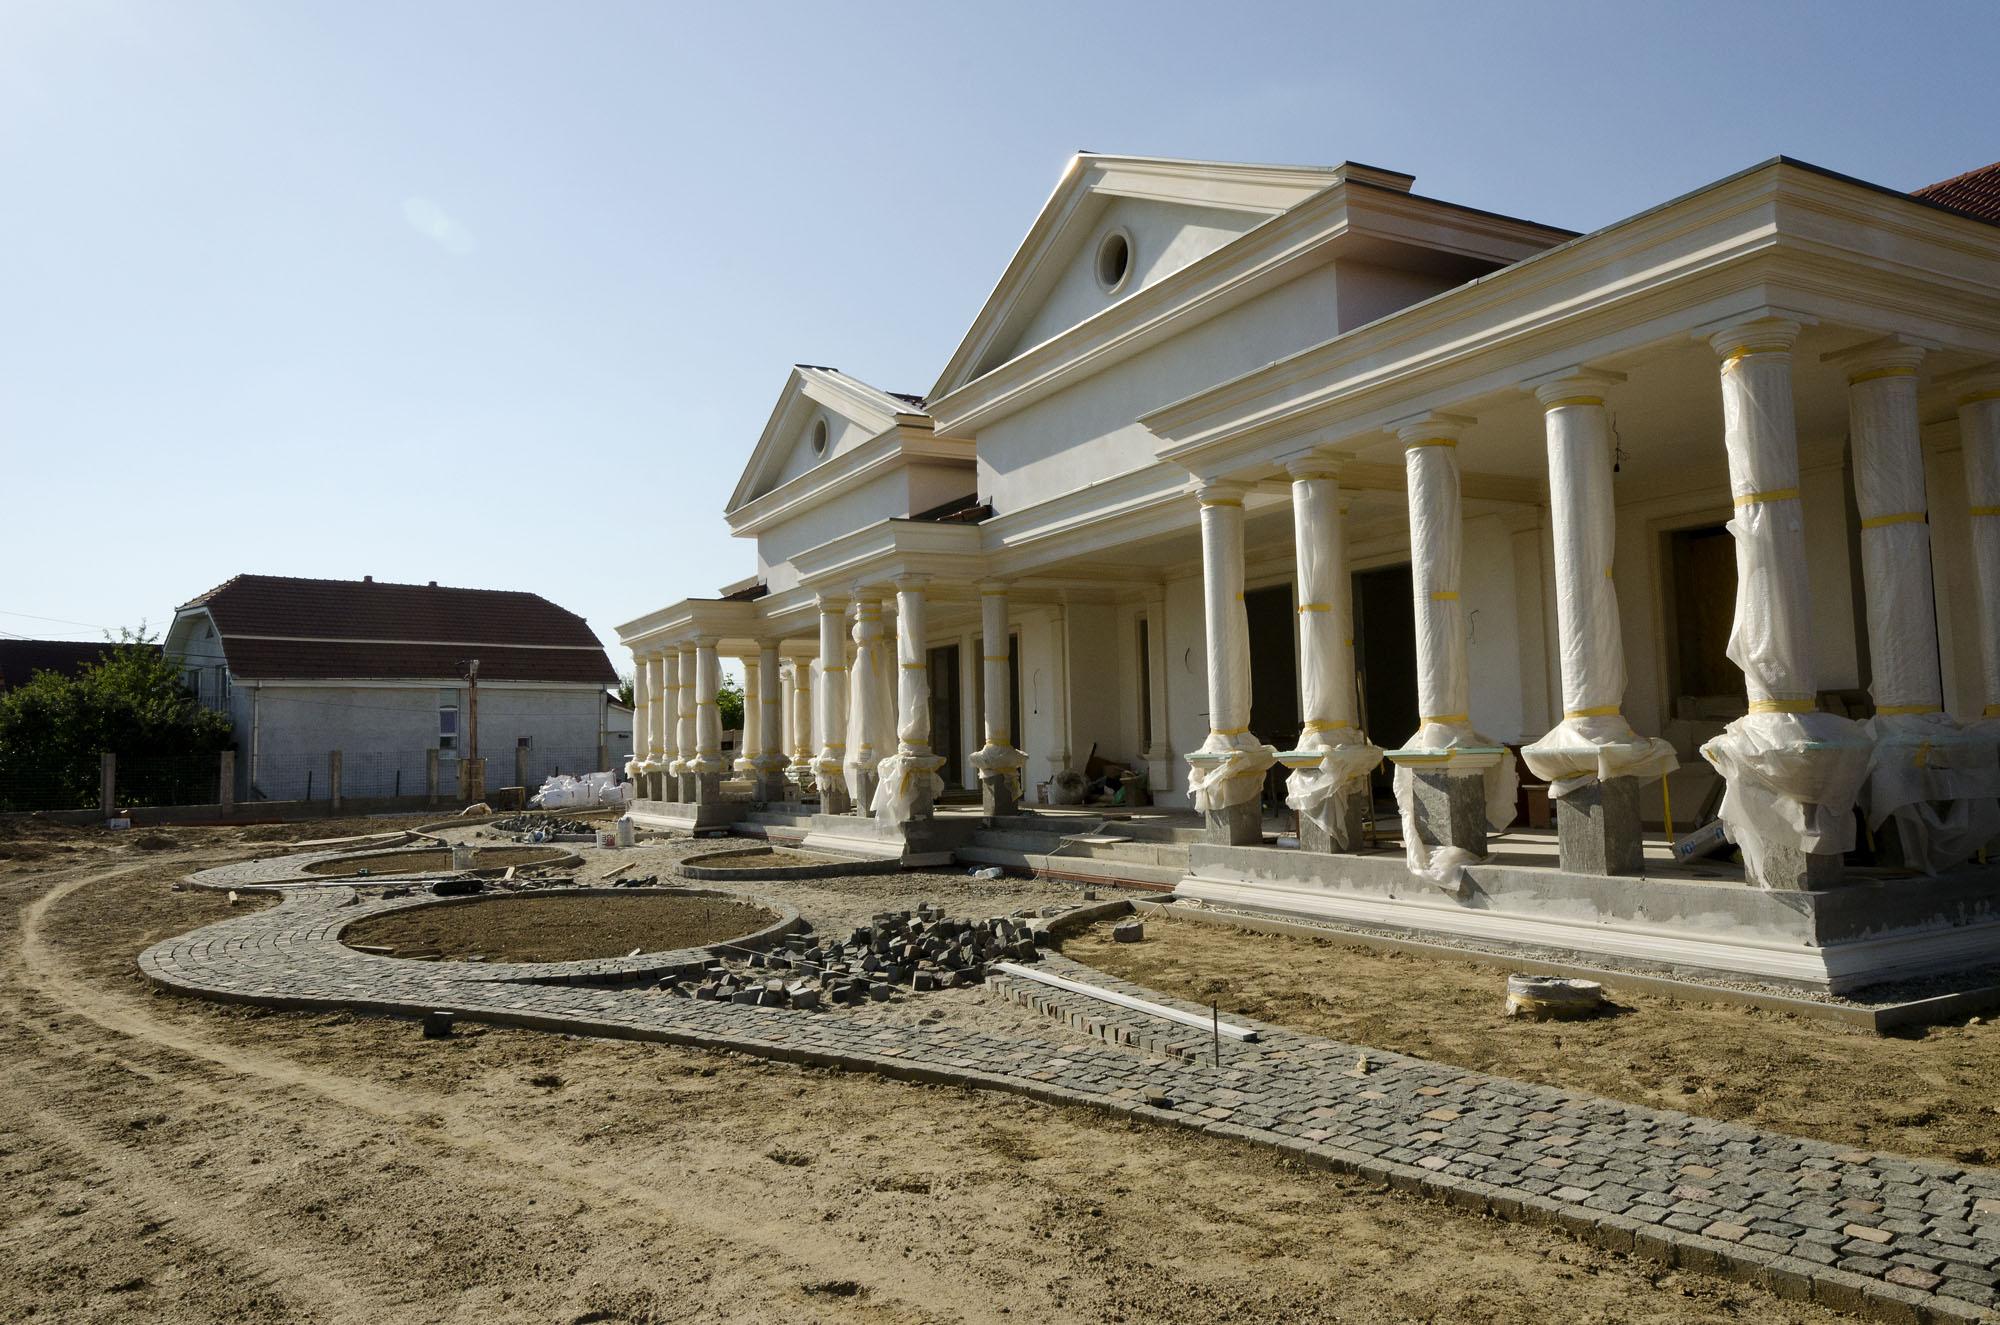 Elemente arhitecturale - Coloane, stalpi din piatra naturala de Vistea LEVENTE COMPANIE - Poza 1